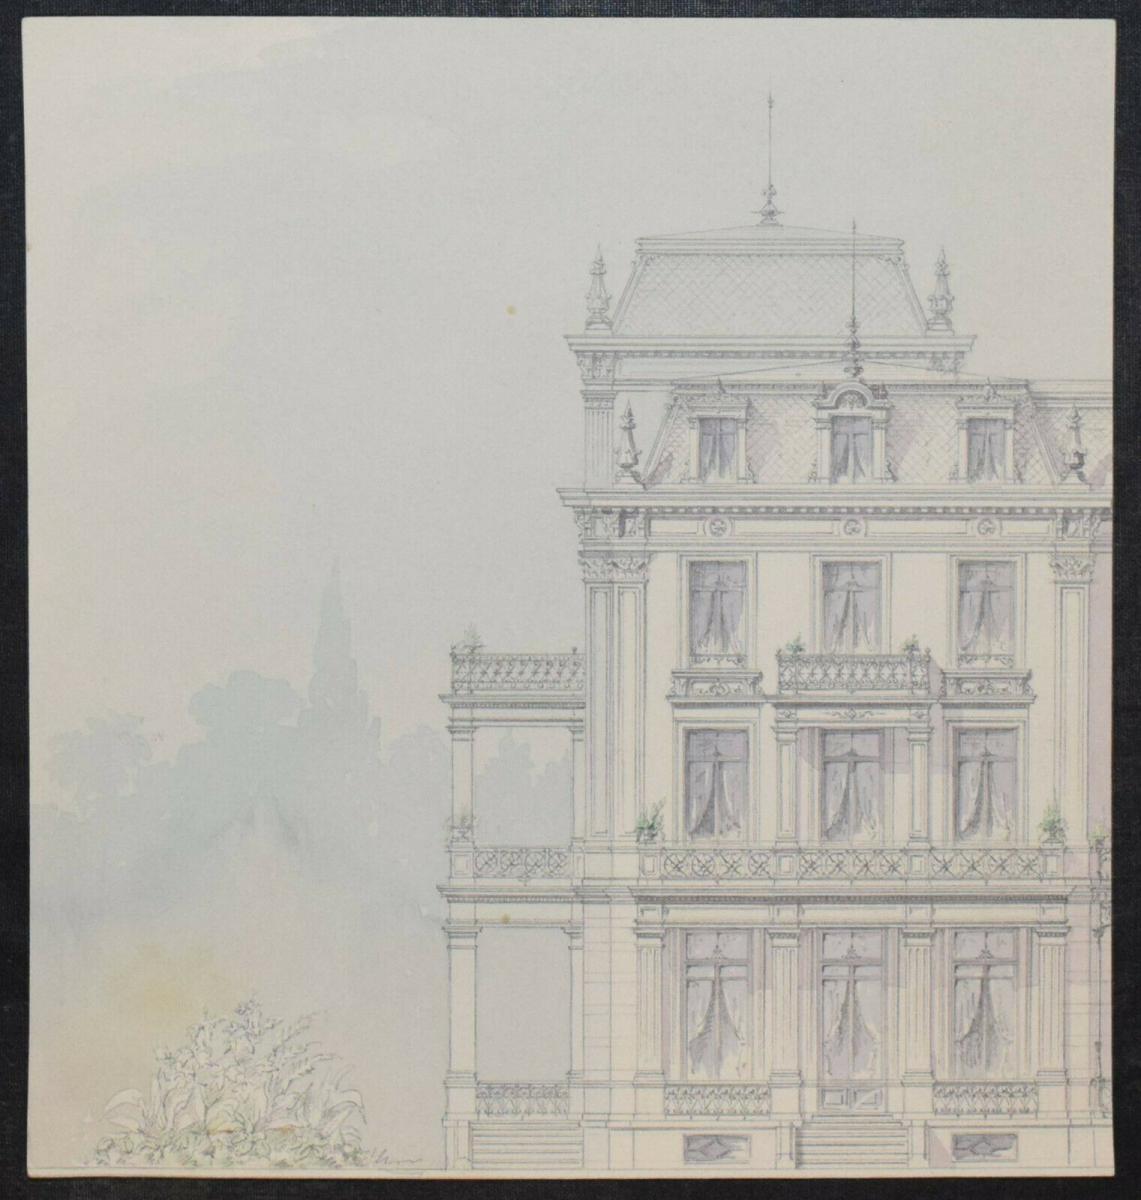 Architektur-Zeichnungen - Zürich um 1890 - 6 Original-Aquarelle - Schweiz 1